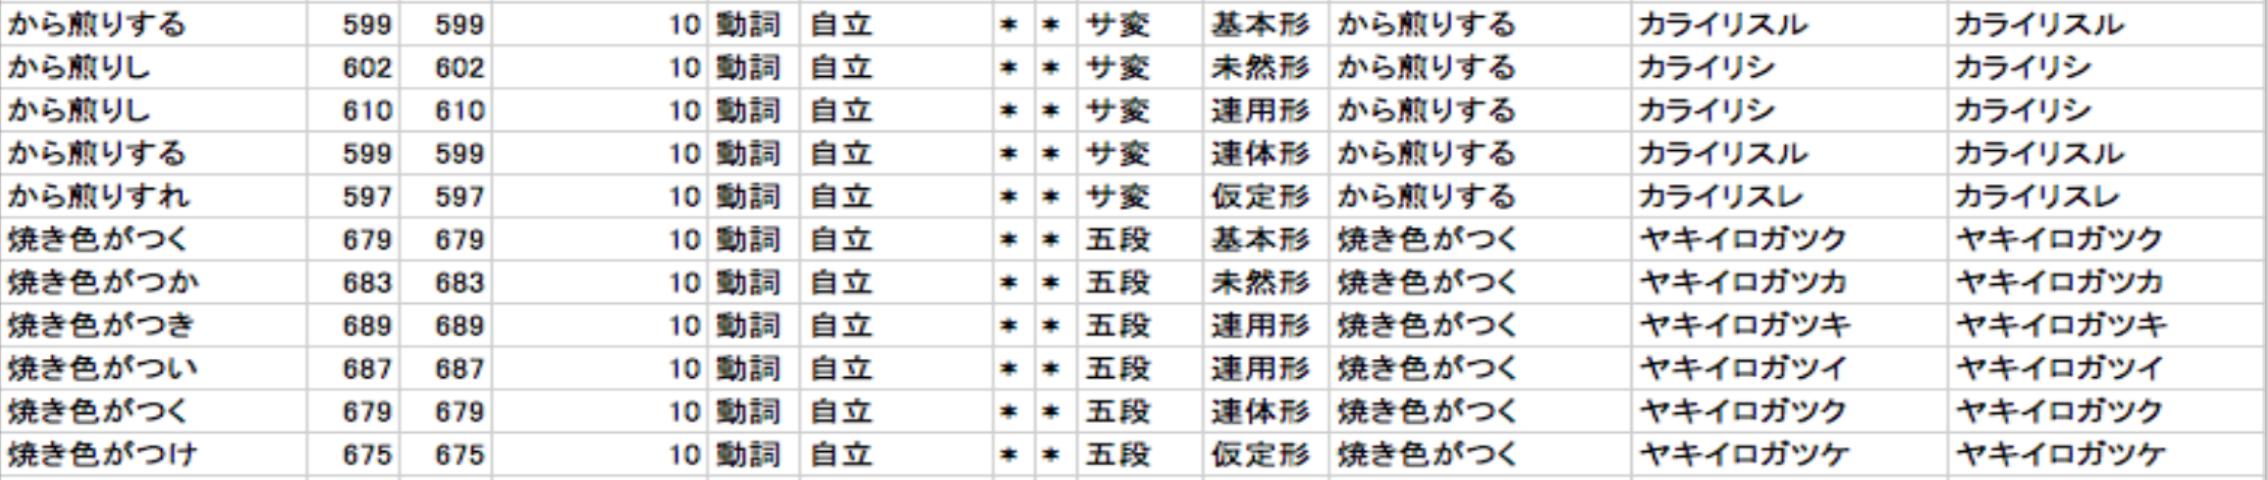 スクリーンショット 2015-04-20 18.17.34.png